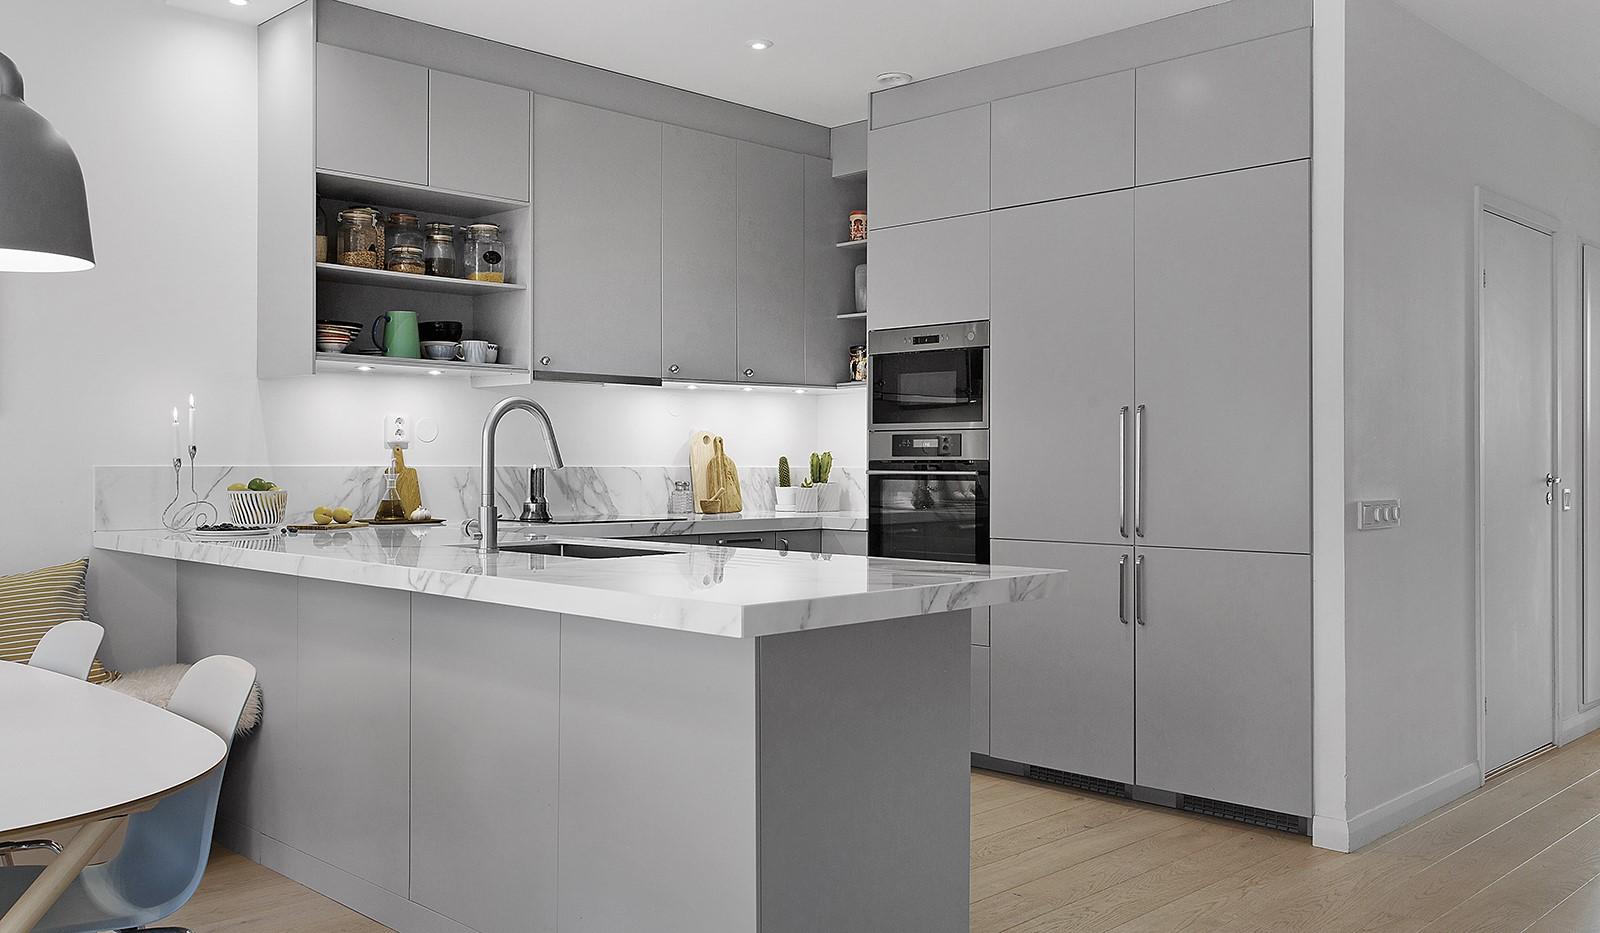 Sickla kanalgata 13B - Köket är nyligen renoverat med exklusiva materialval